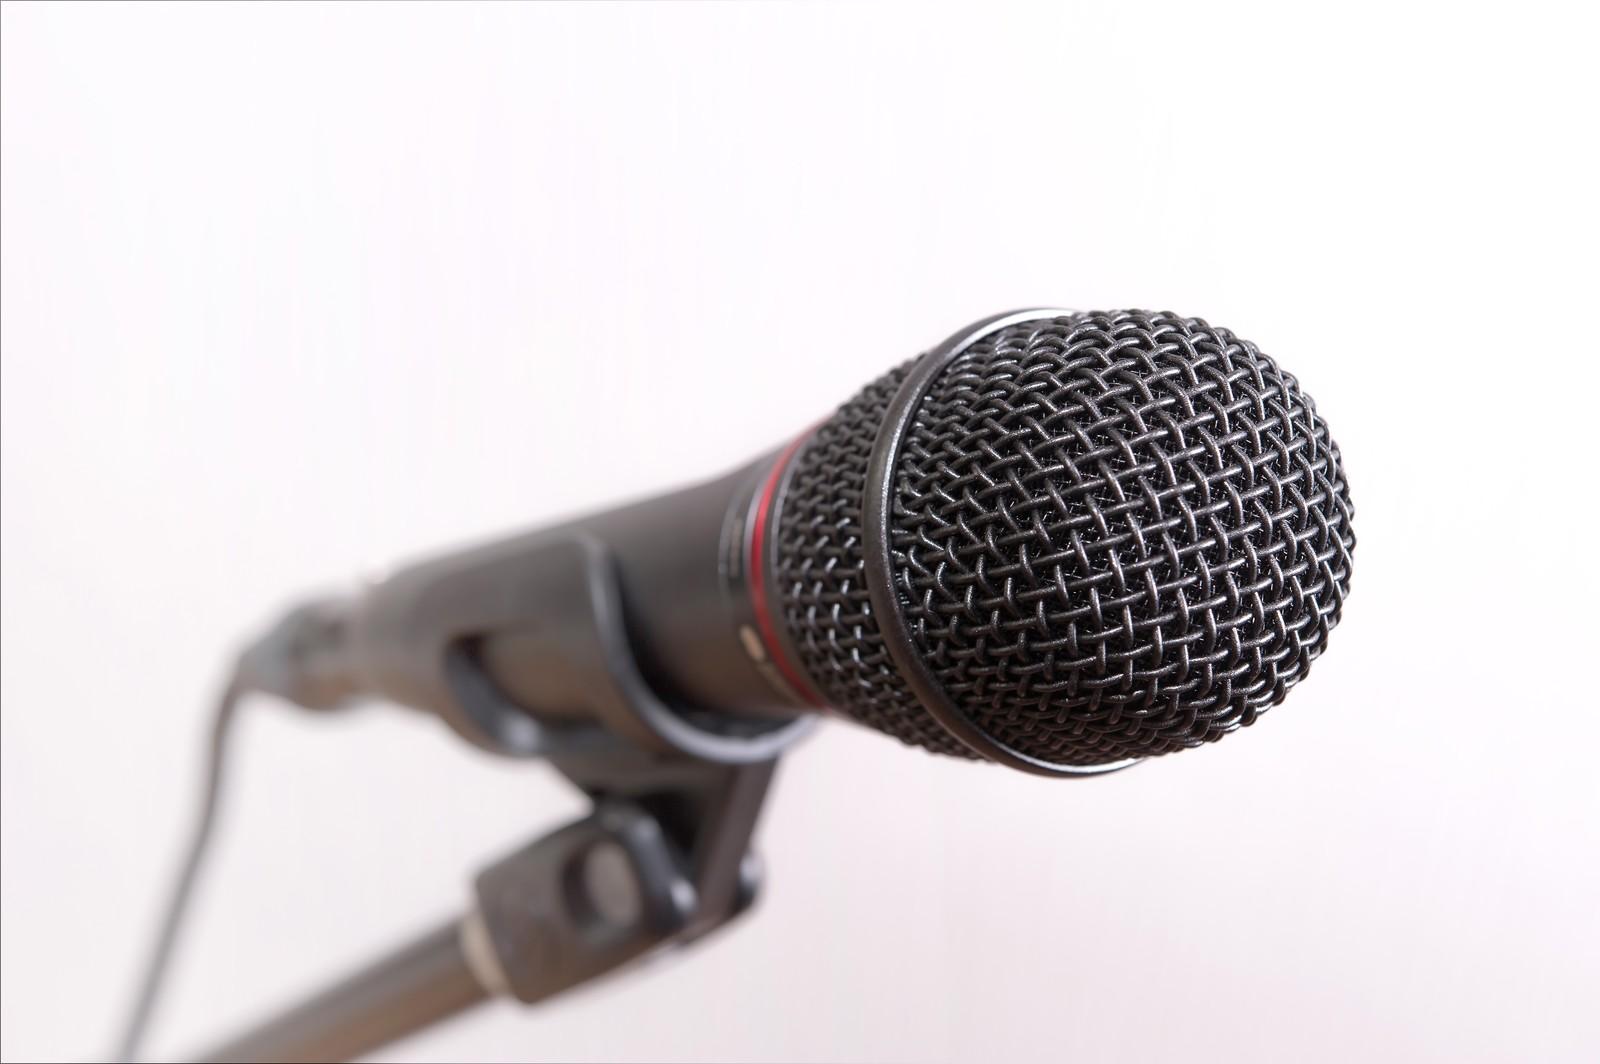 【カラオケ】最近、女性声に変換して歌うのがマイブーム!